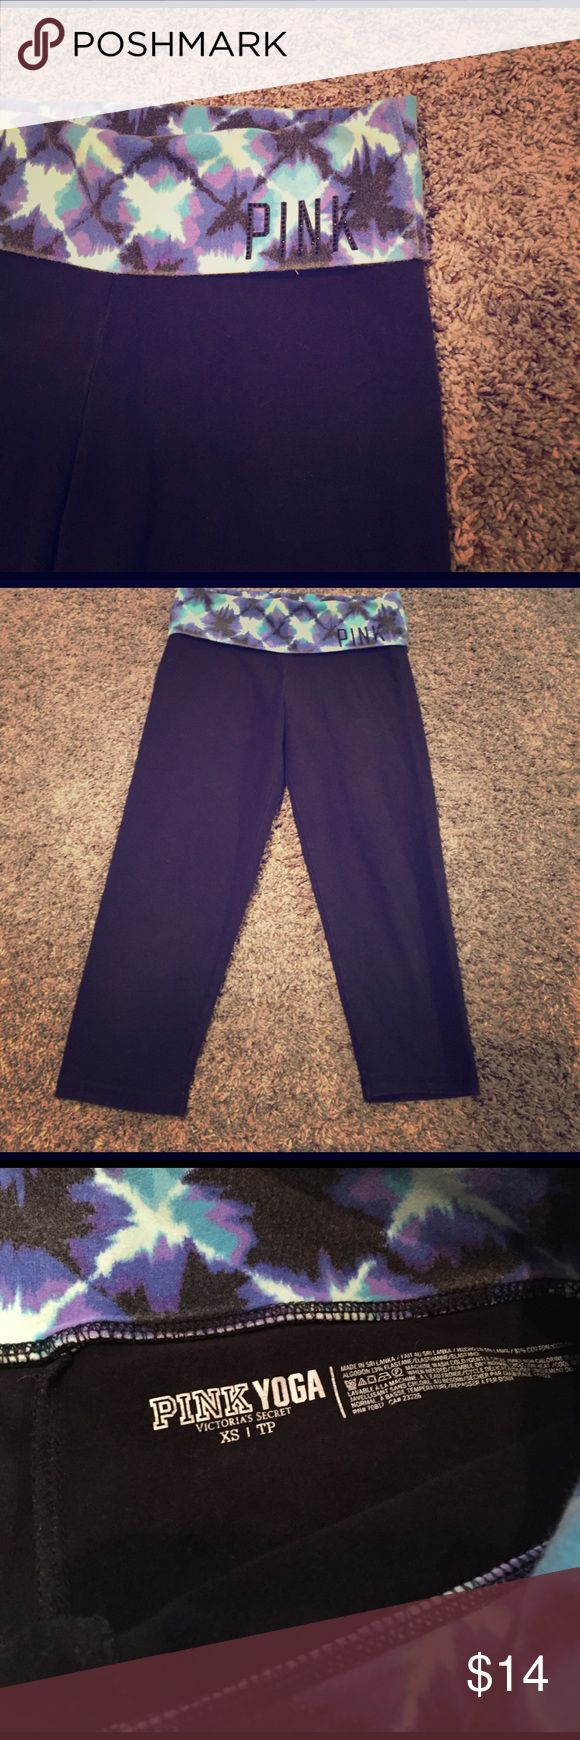 PINK black yoga capris PINK | black yoga capri with tie dye detailing along the waist foldover PINK Victoria's Secret Pants